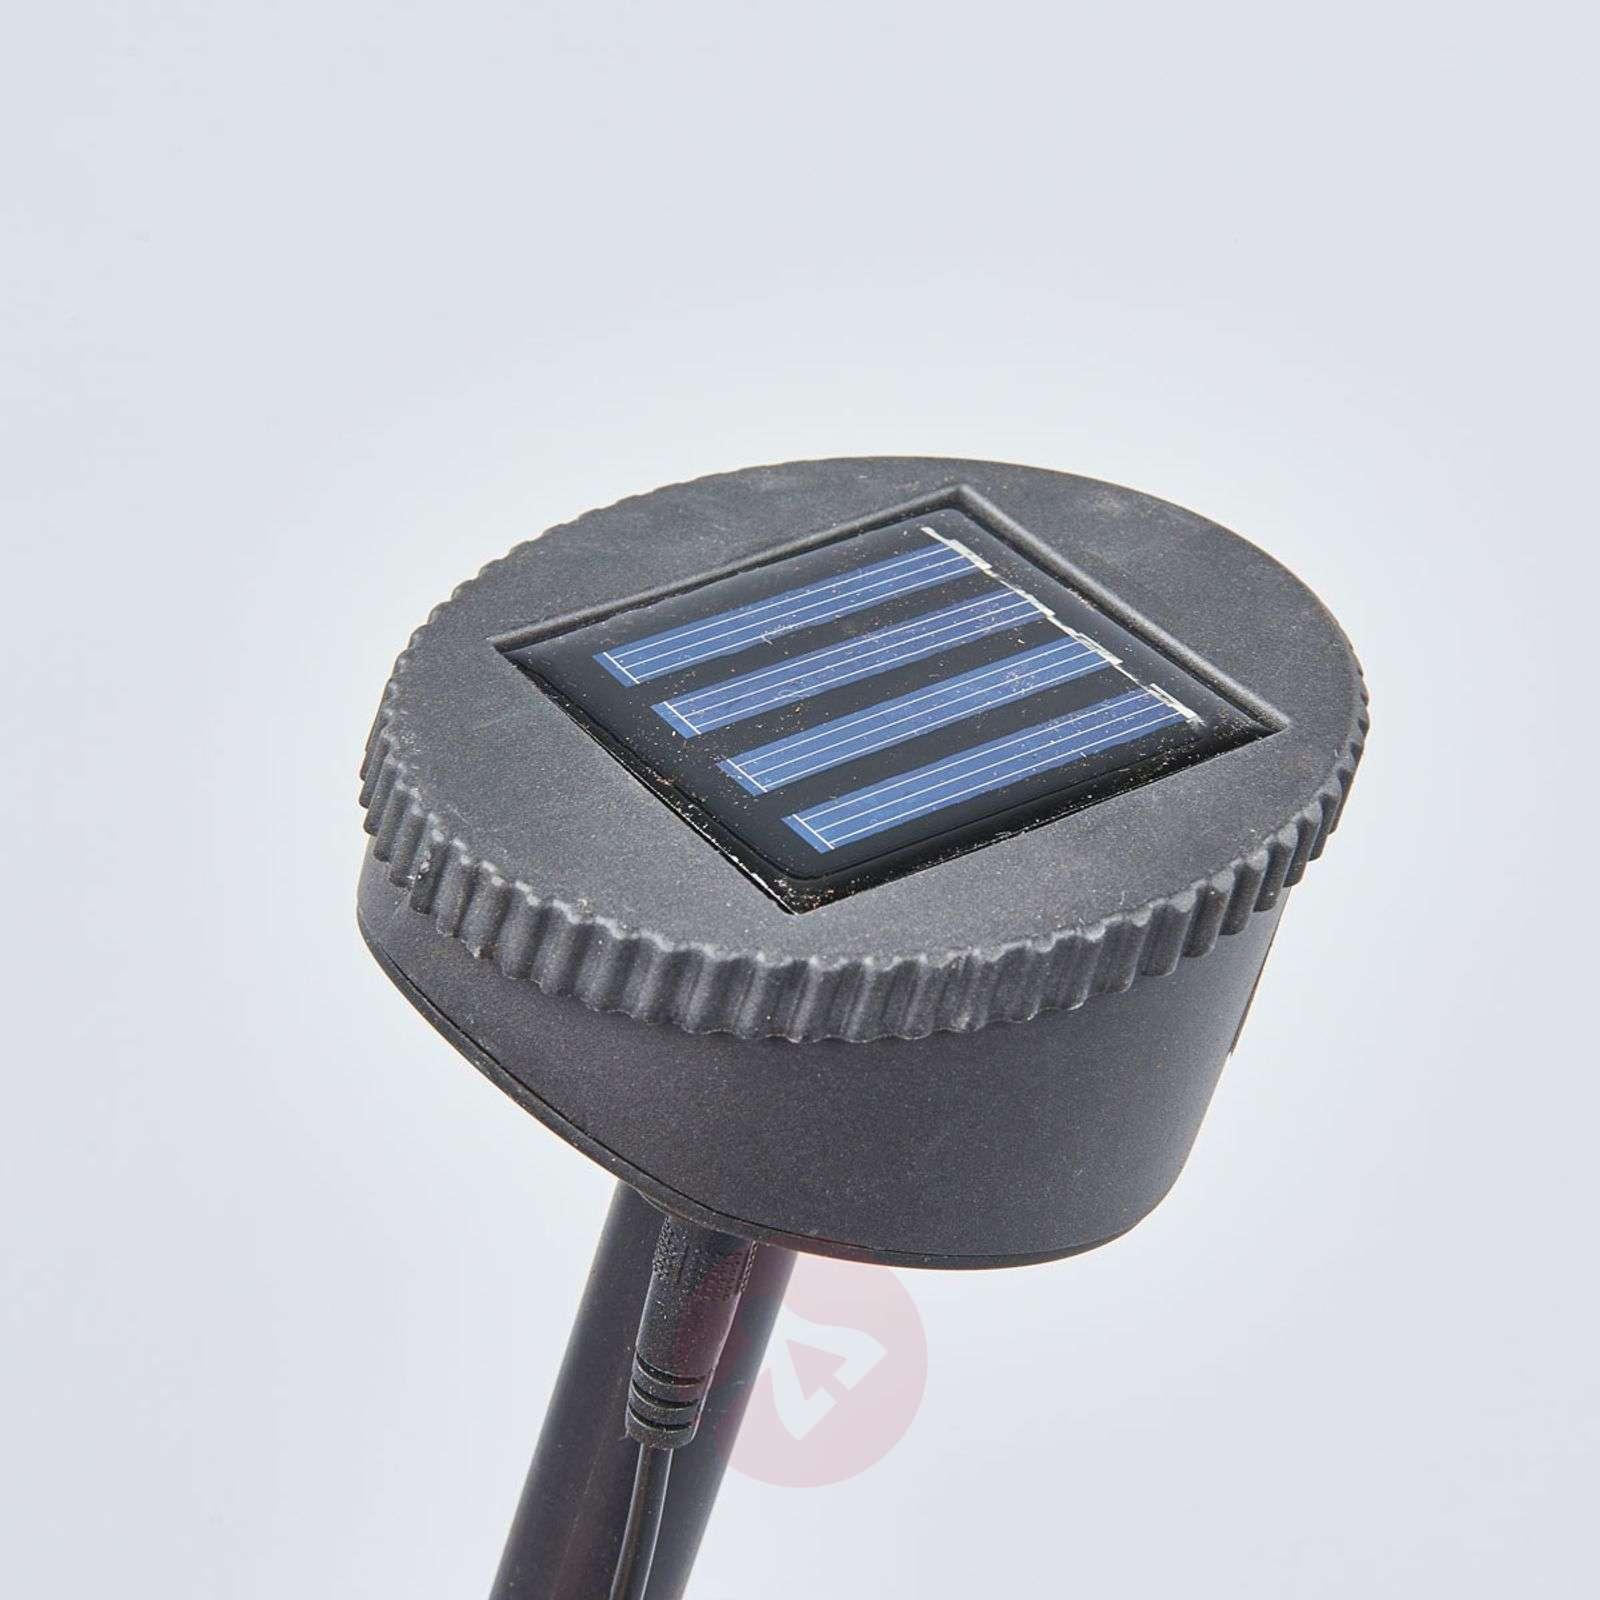 LED-aurinkoenergiavalaisin Felia RGB, 4:n setti-5000260-01